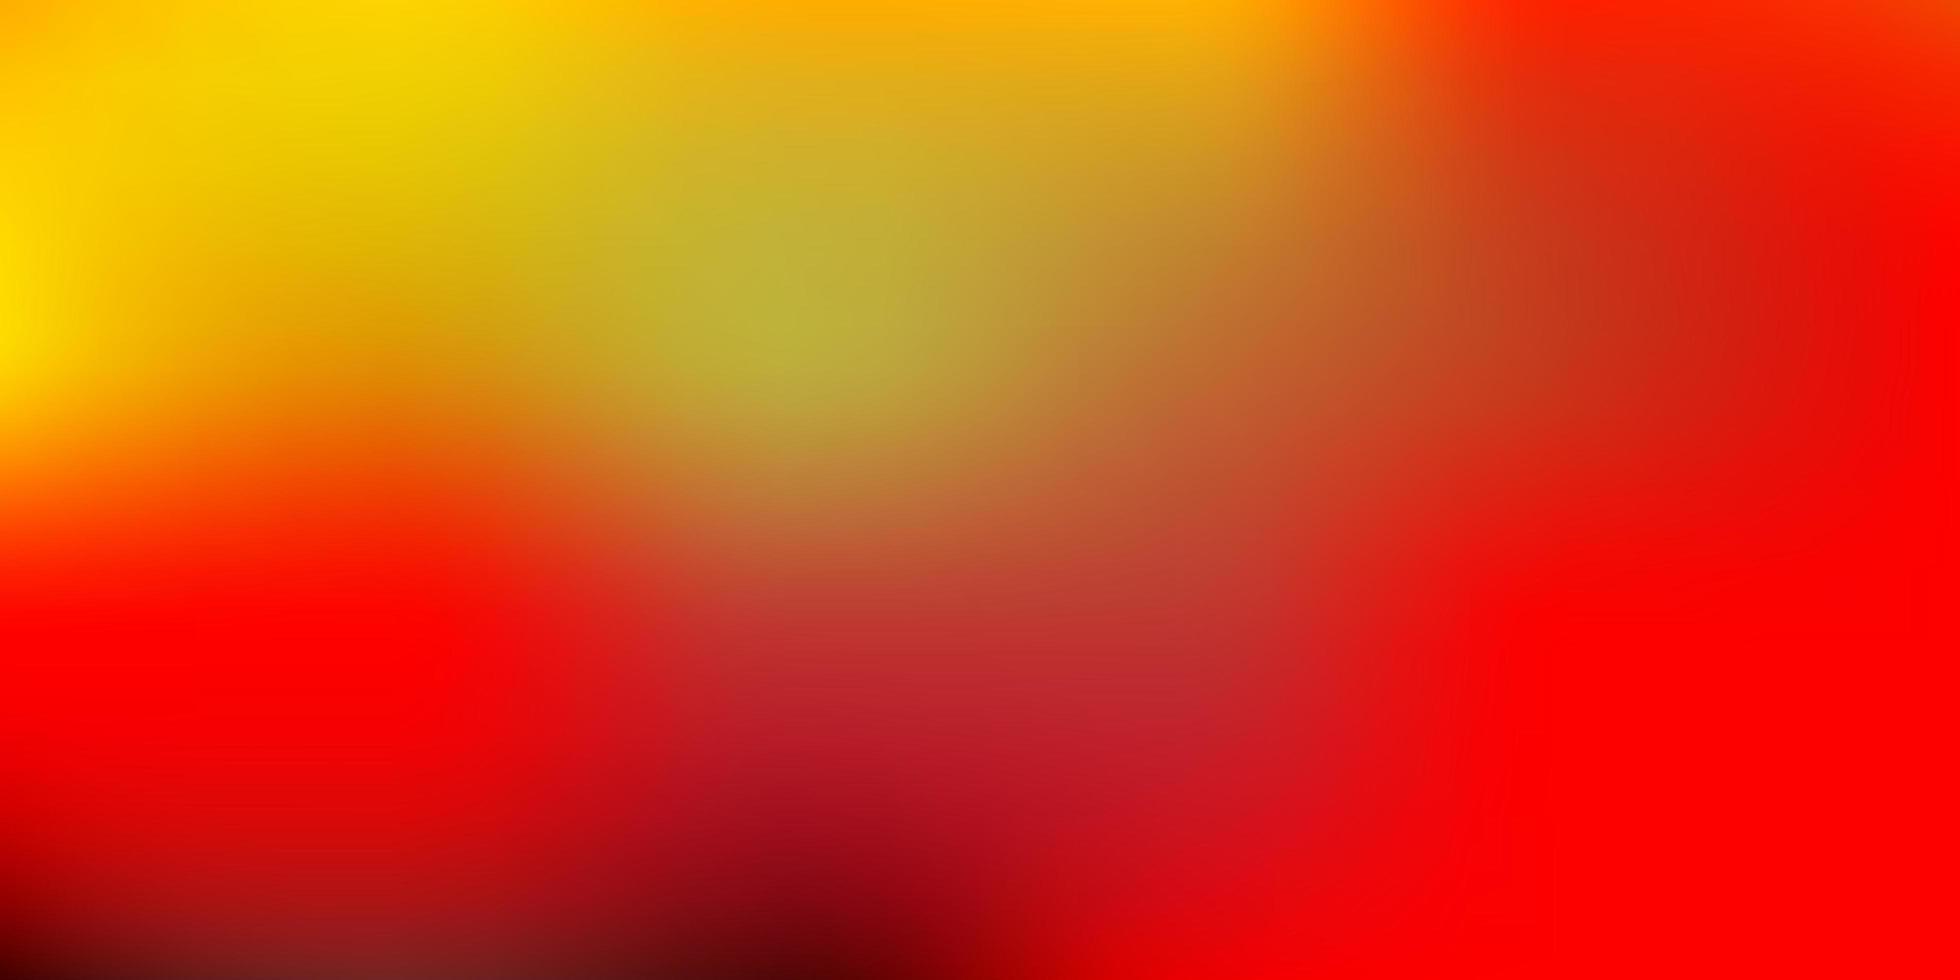 rotes und gelbes Gradientenunschärfemuster. vektor